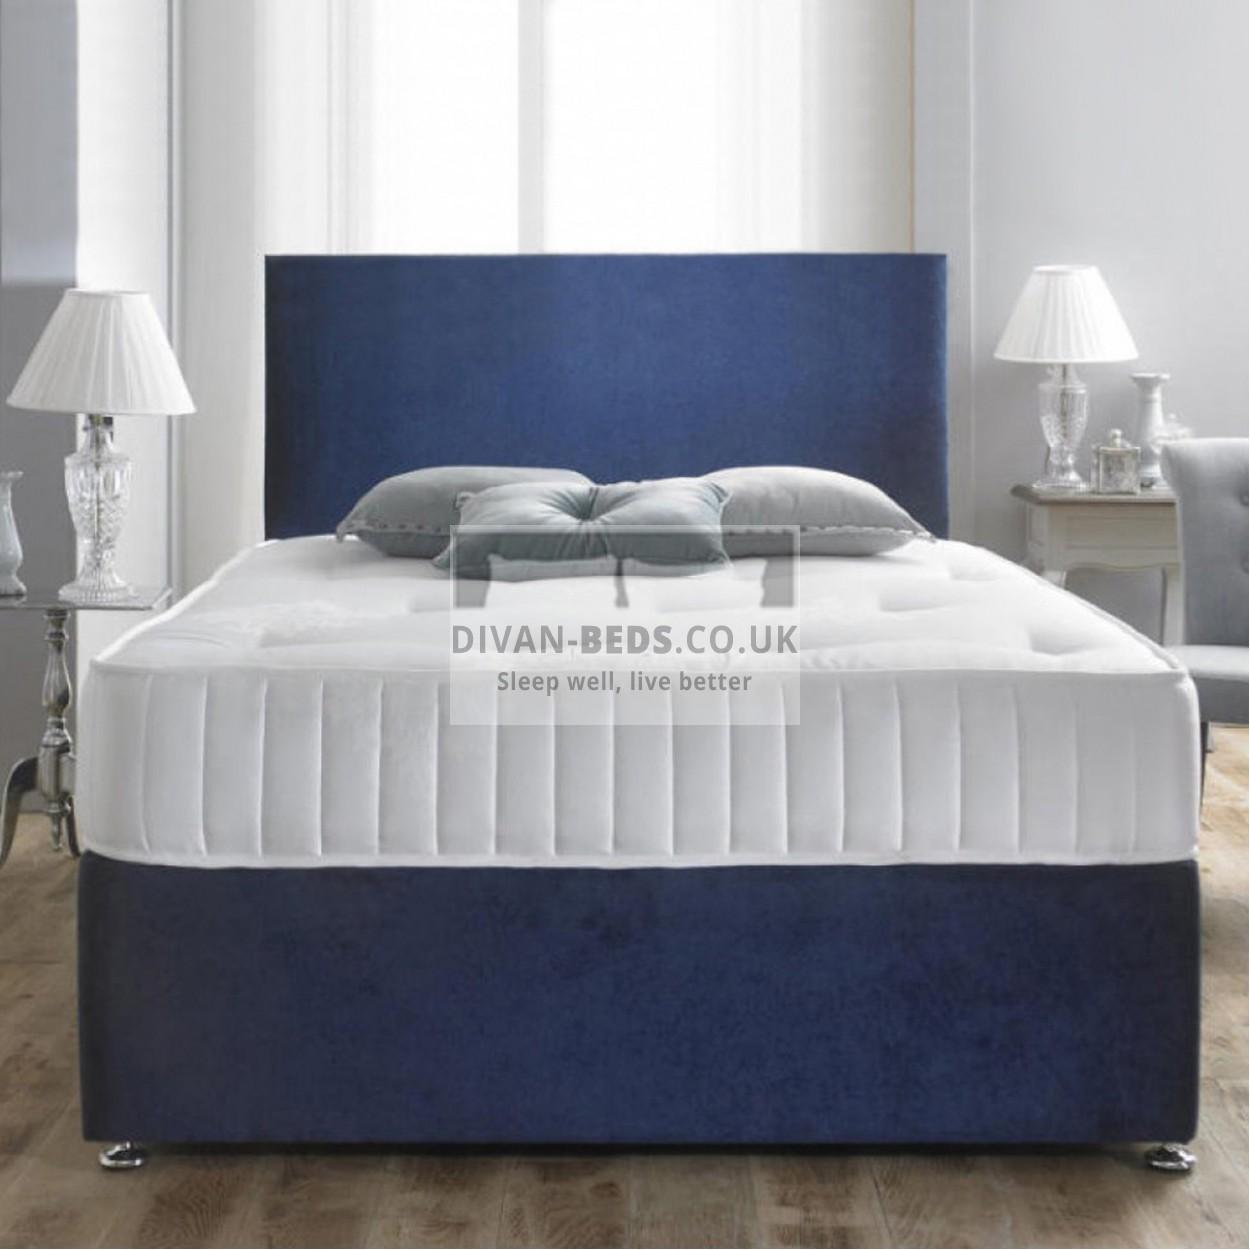 dante crushed velvet divan bed with spring memory foam. Black Bedroom Furniture Sets. Home Design Ideas